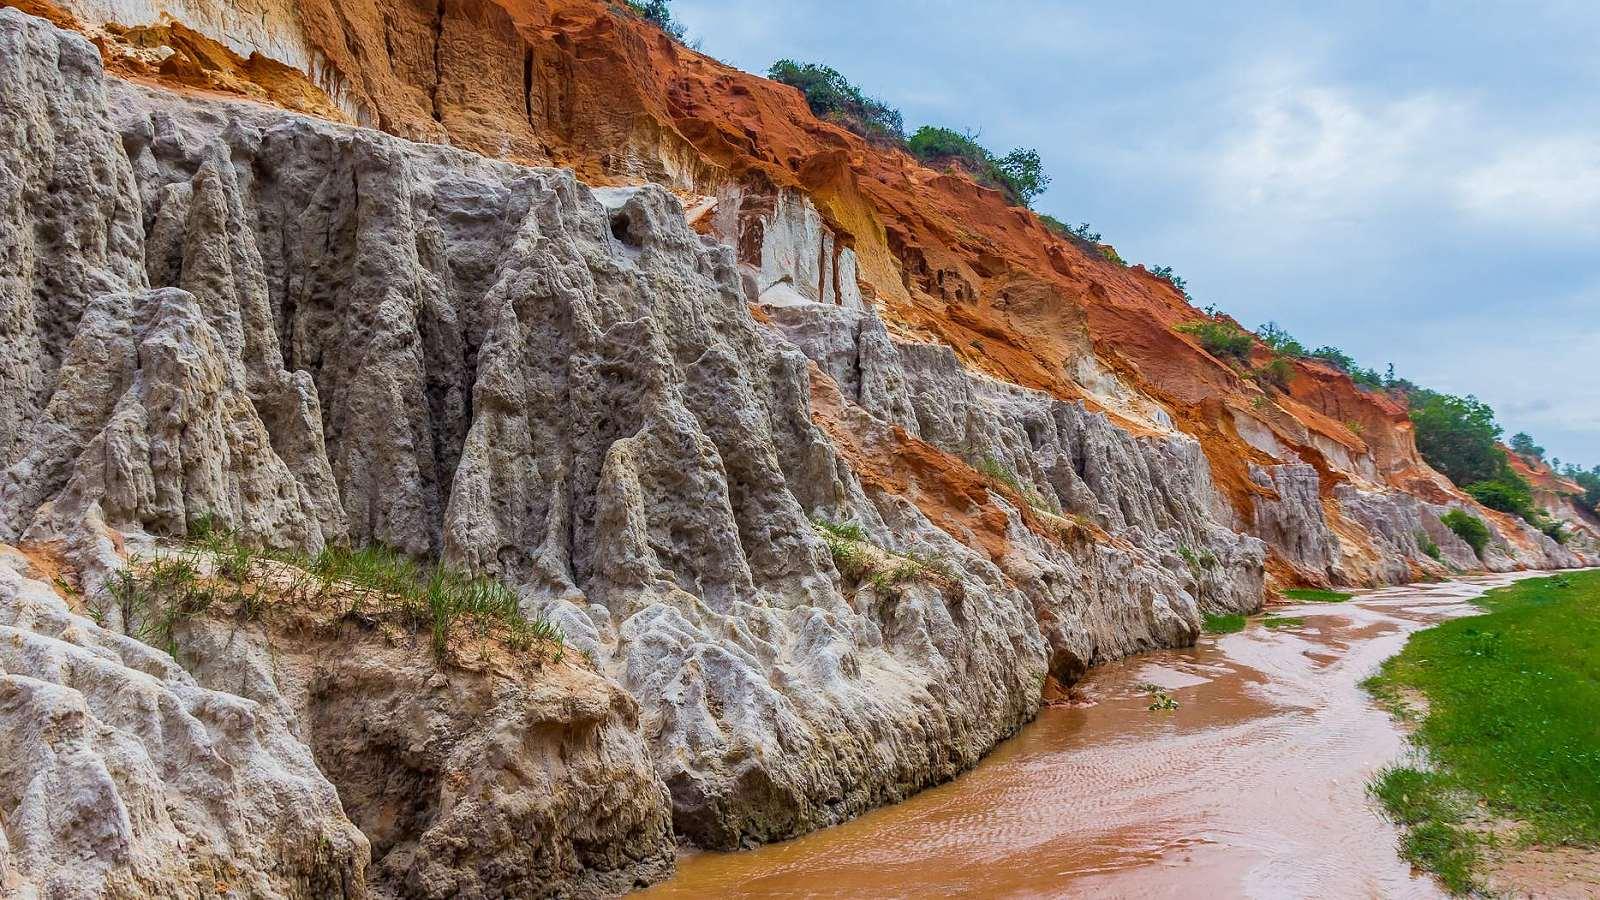 Vietnam 4 - Pohádkový kaňon, Rudé duny a rybáři v Mui Ne